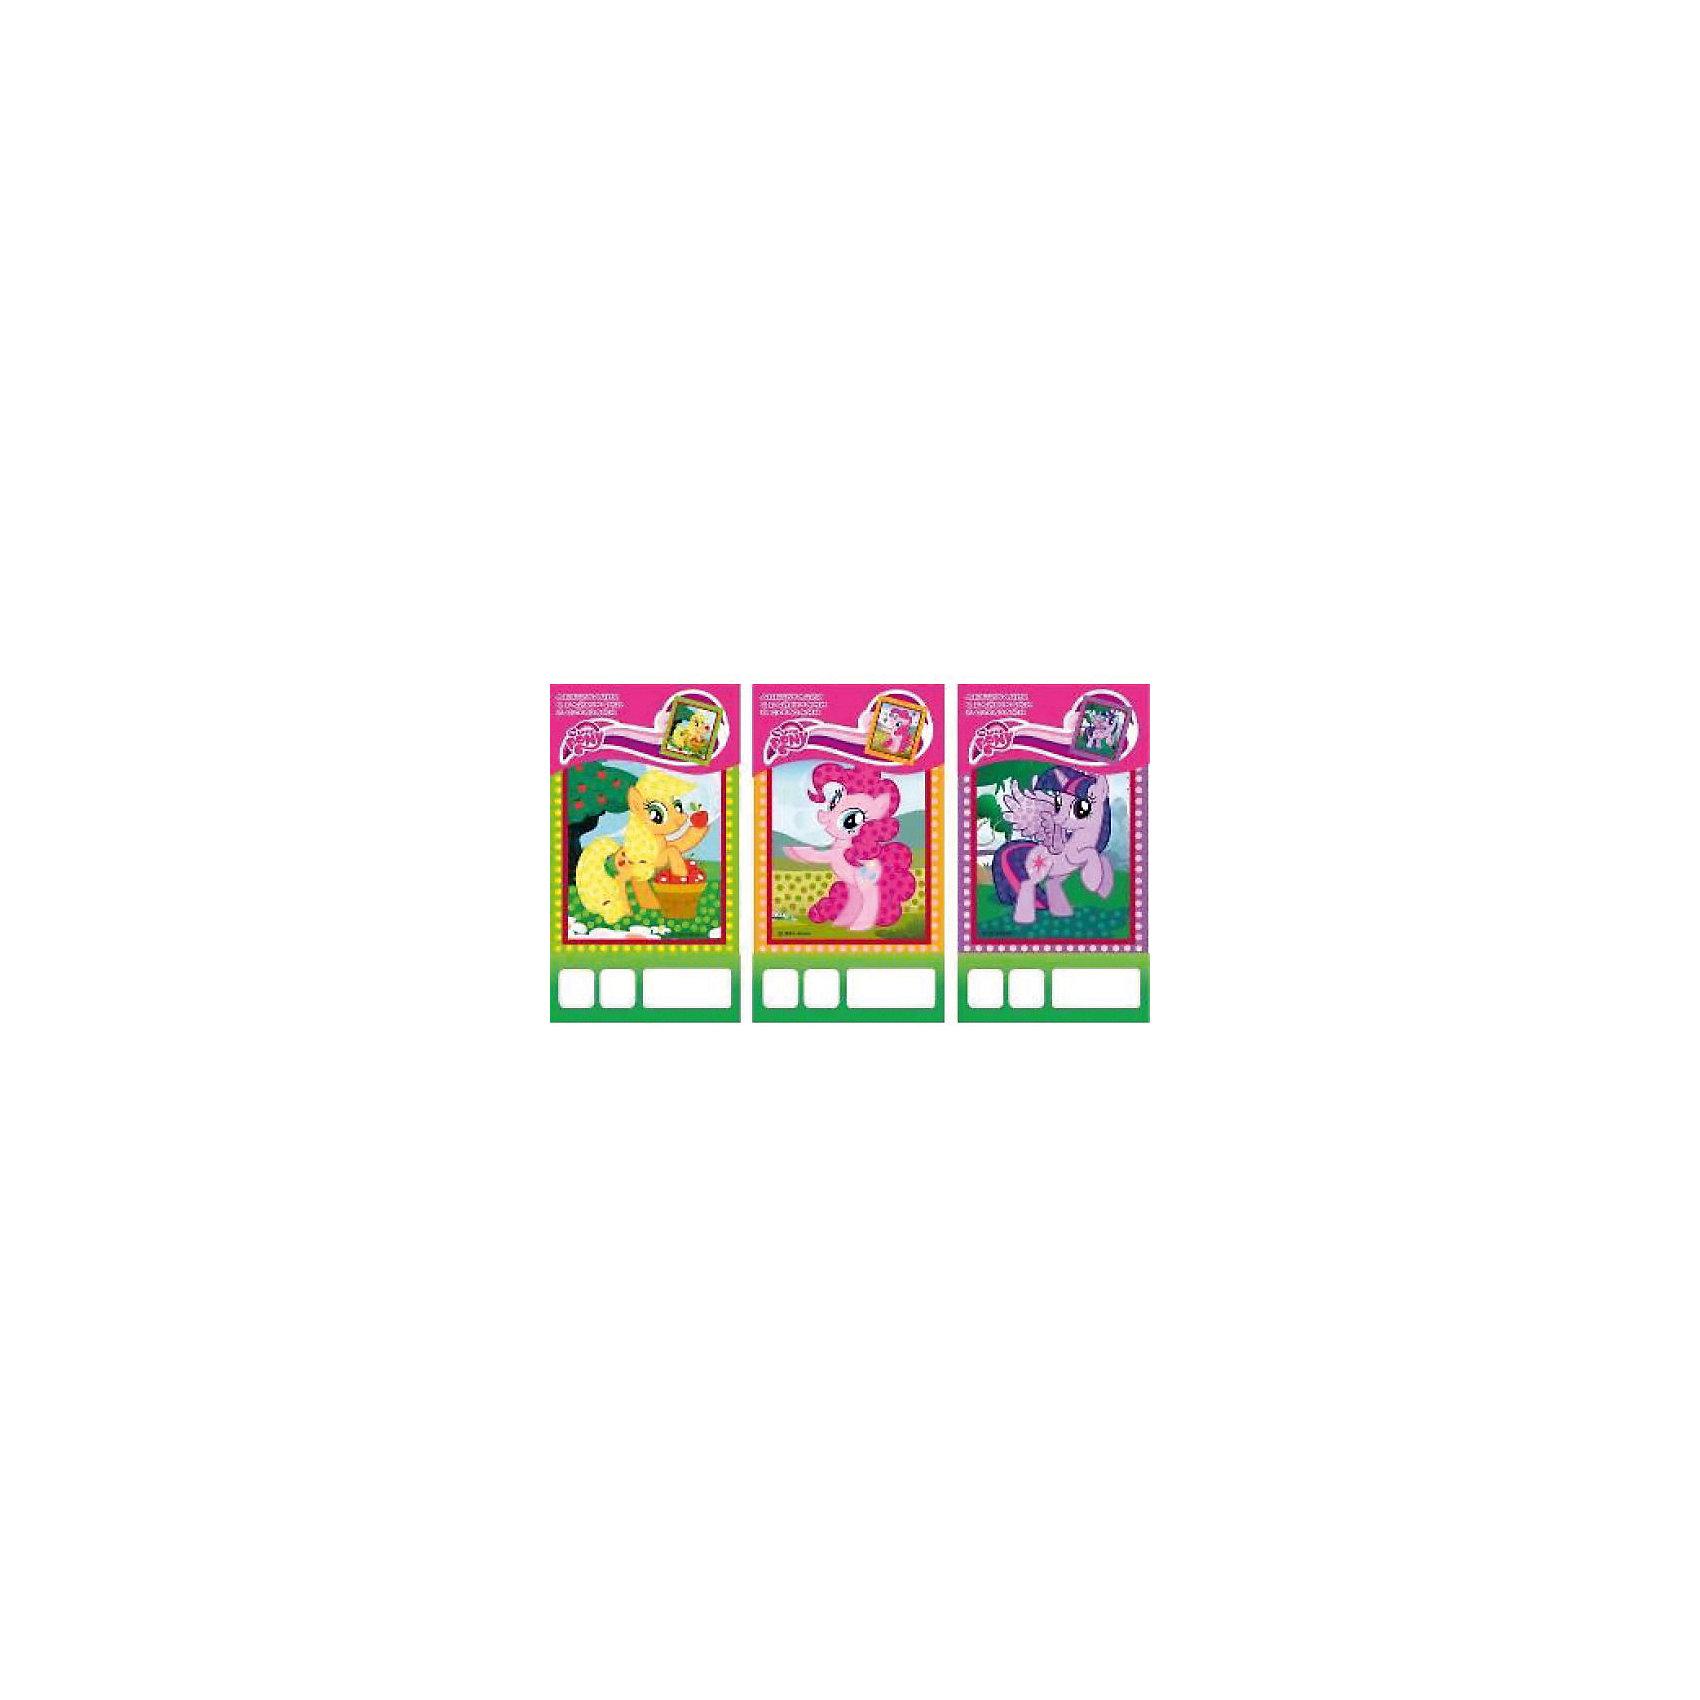 Аппликация Мой маленький пони в ассортиментеЯркая аппликация с любимыми героями My little Pony (Май литл Пони) обязательно понравится девочке и надолго увлечет ее, помогая развить мелкую моторику, внимание и цветовосприятие. В комплект входят пайетки и стразы, которыми нужно украсить картинку-заготовку с изображением очаровательных лошадок. В итоге, получится яркая картинка, которая сможет украсить стену детской или стать прекрасным сувениром, сделанным своими руками. <br><br>Дополнительная информация:<br><br>- Материал: картон, пластик.<br>- Комплектация: картинка-заготовка, стразы, пайетки.<br>- Размер упаковки: 31 x 18 см.<br>- Дизайн в ассортименте.  <br>ВНИМАНИЕ! Данный артикул представлен в разных вариантах исполнения. К сожалению, заранее выбрать определенный вариант невозможно. При заказе нескольких наборов, возможно получение одинаковых.<br><br>Аппликацию Мой маленький пони в ассортименте, можно купить в нашем магазине.<br><br>Ширина мм: 2<br>Глубина мм: 180<br>Высота мм: 305<br>Вес г: 60<br>Возраст от месяцев: 36<br>Возраст до месяцев: 72<br>Пол: Женский<br>Возраст: Детский<br>SKU: 4444312